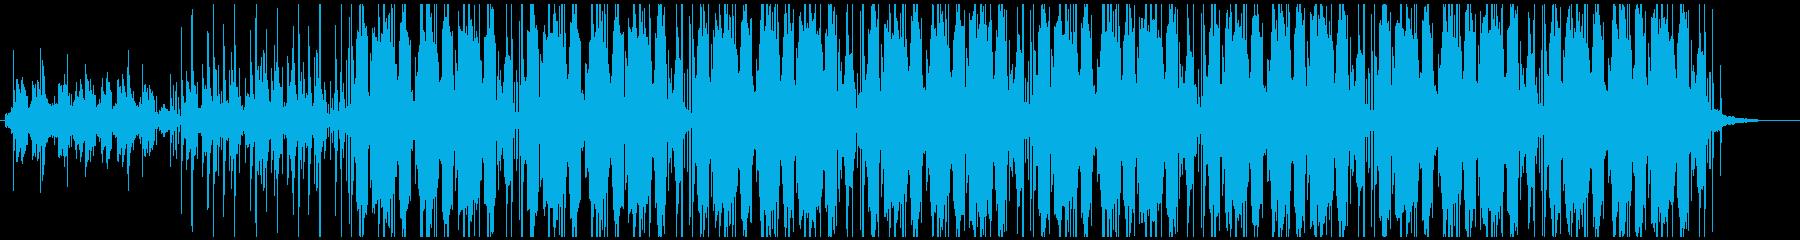 桜をイメージしたLo-Fi Hiphopの再生済みの波形